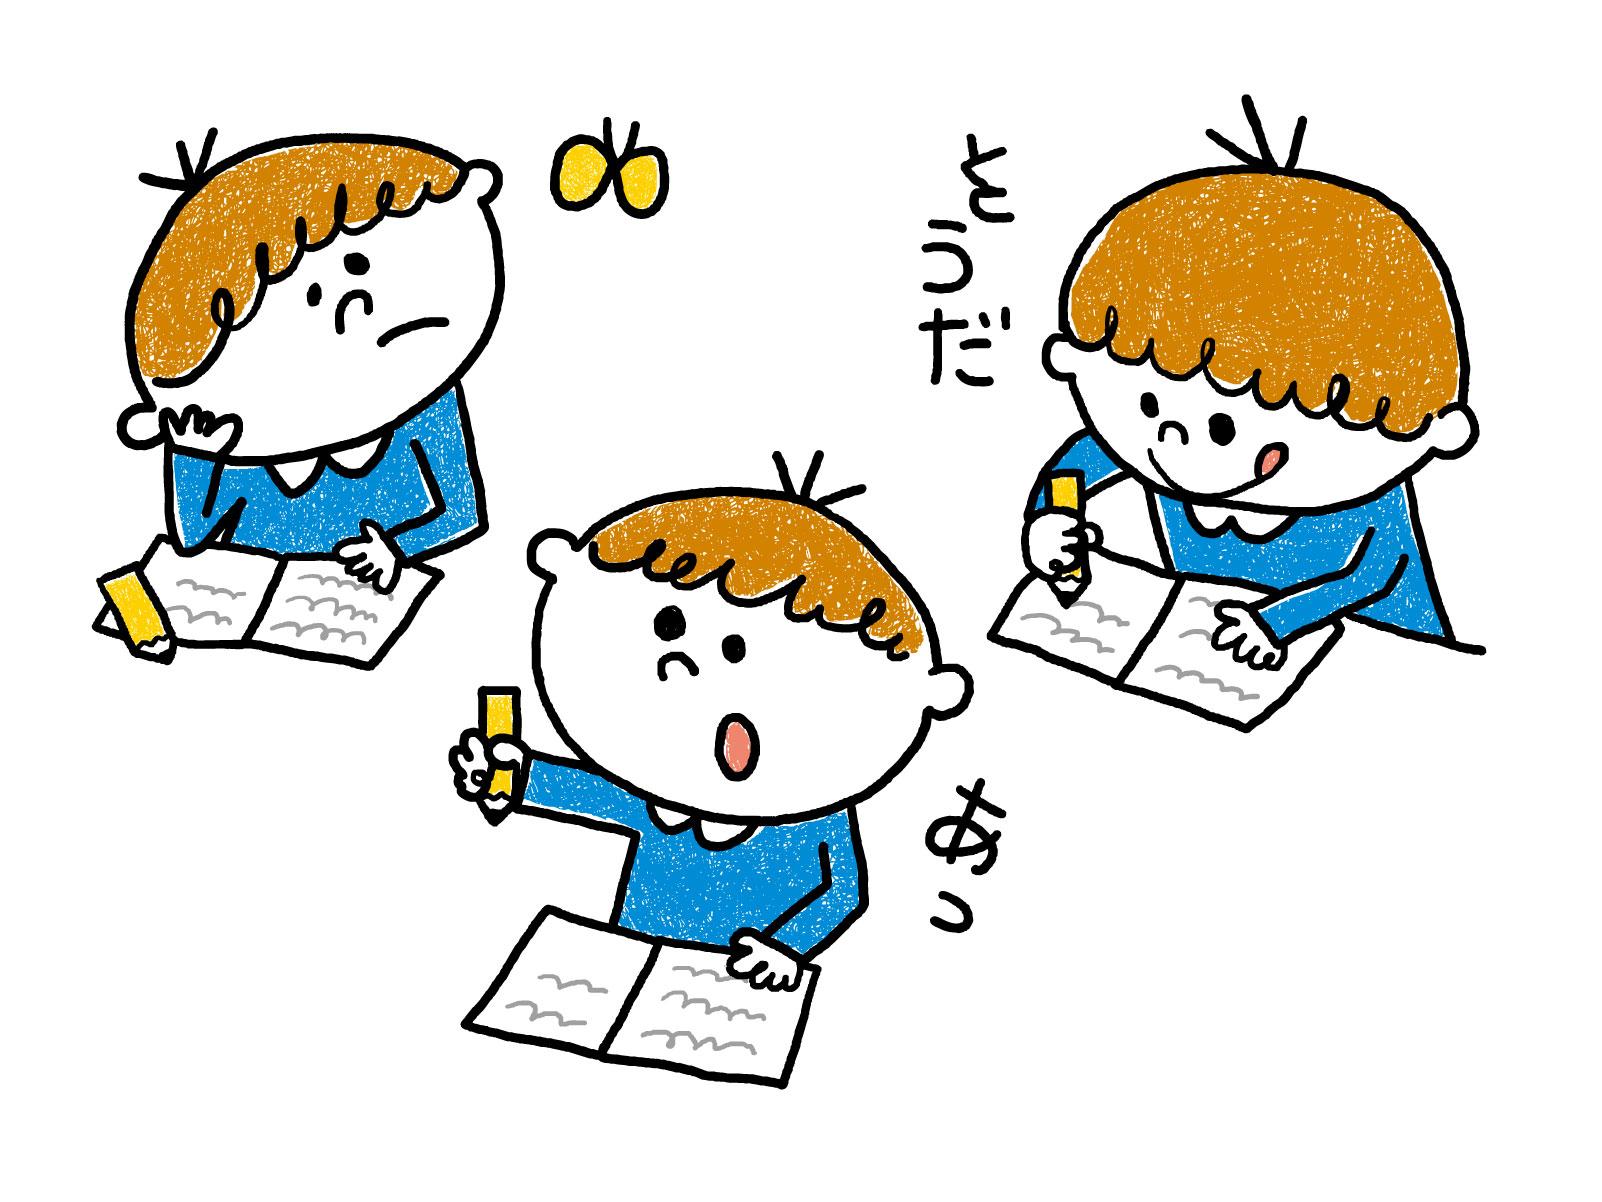 中学生の効率の良い勉強方法!時間の使い方を工夫しよう